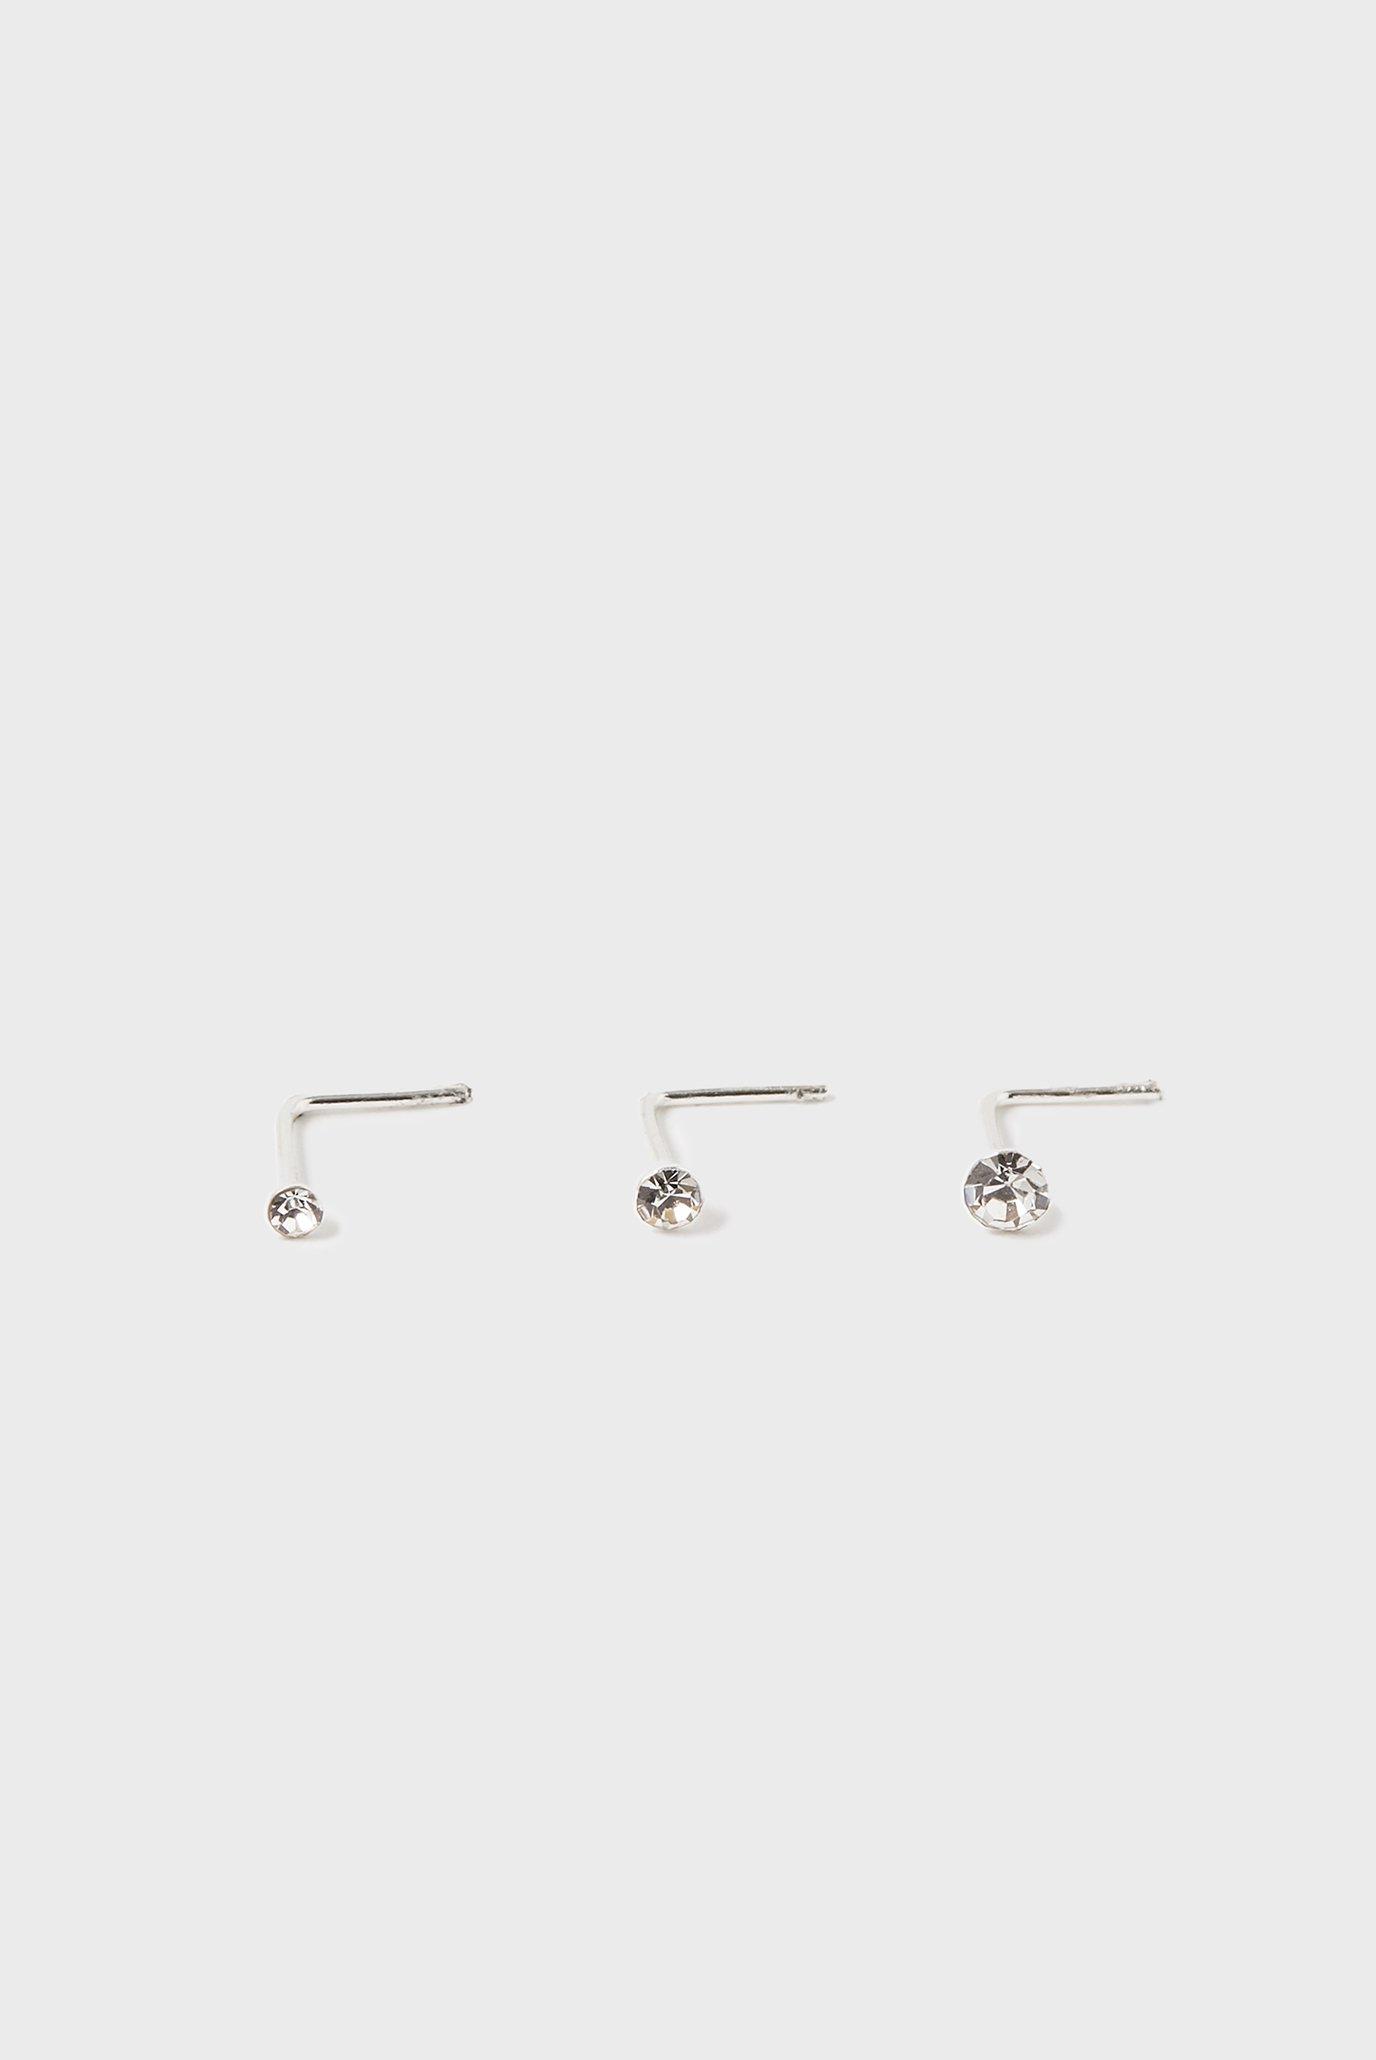 Женские серебряные серьги-пирсинг ( 3 шт) NOSE STUD SET 1